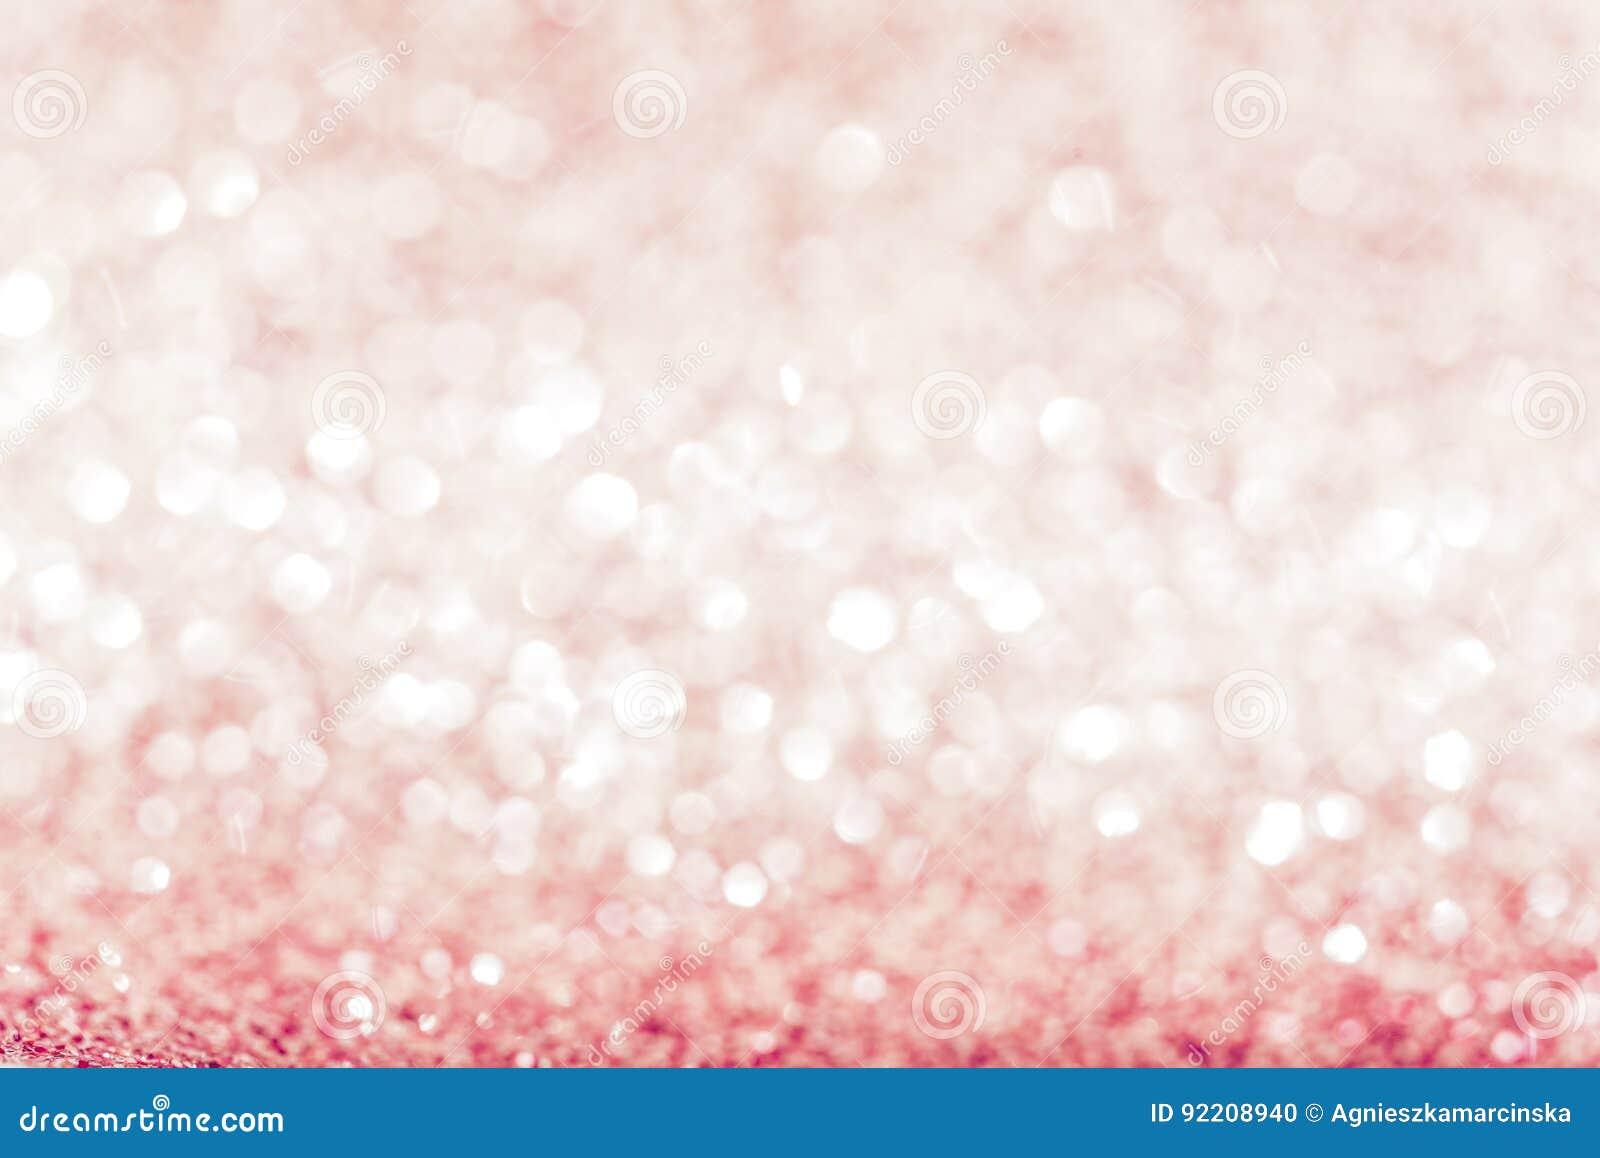 Różowy abstrakcjonistyczny tło